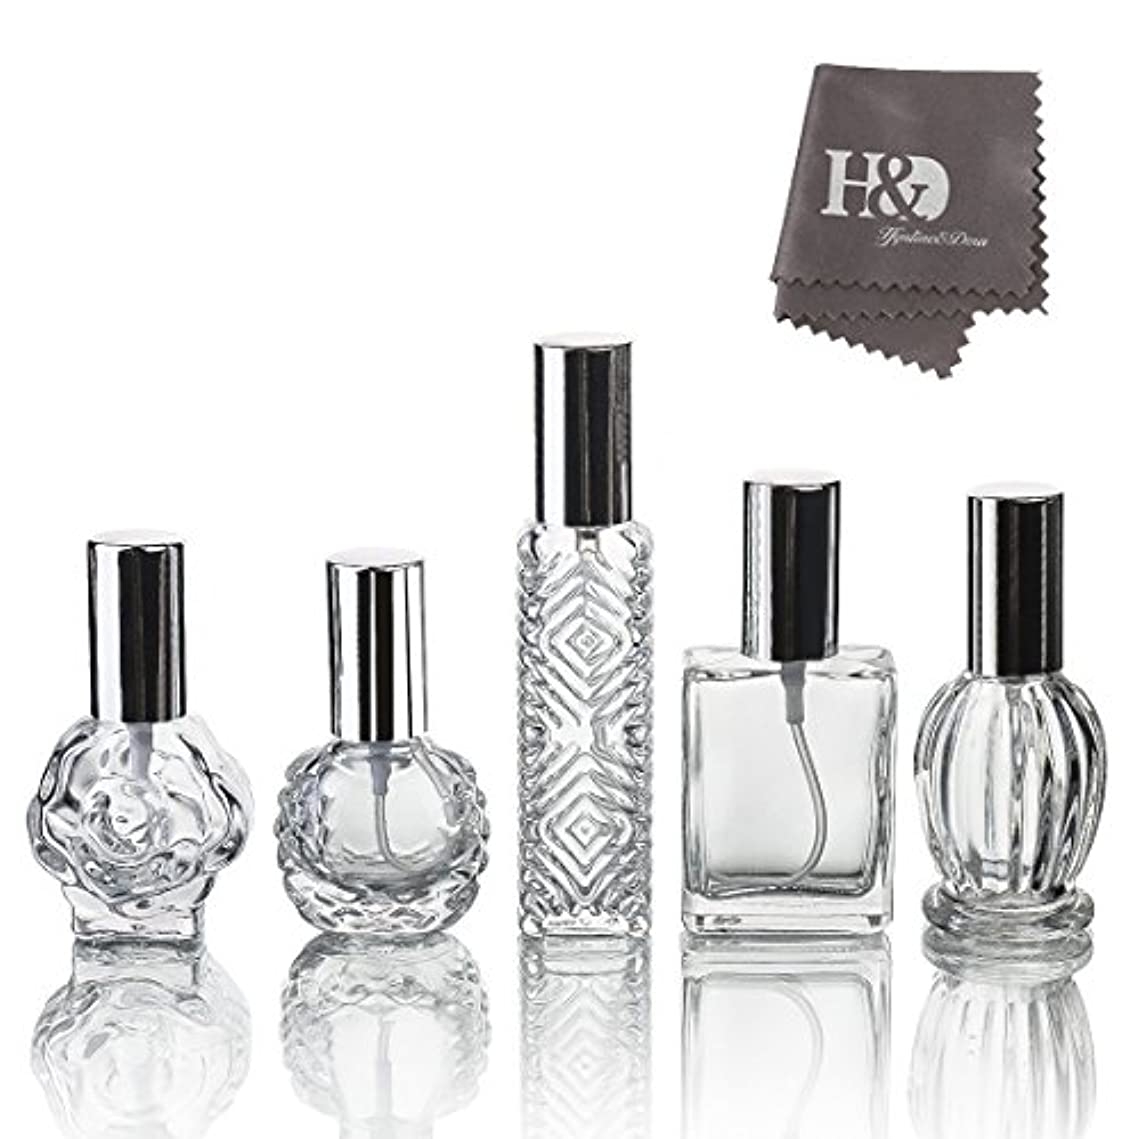 後ろに盲目自分を引き上げるH&D 5枚セット ガラスボトル 香水瓶 詰替用瓶 分け瓶 旅行用品 化粧水用瓶 装飾雑貨 ガラス製 (2)